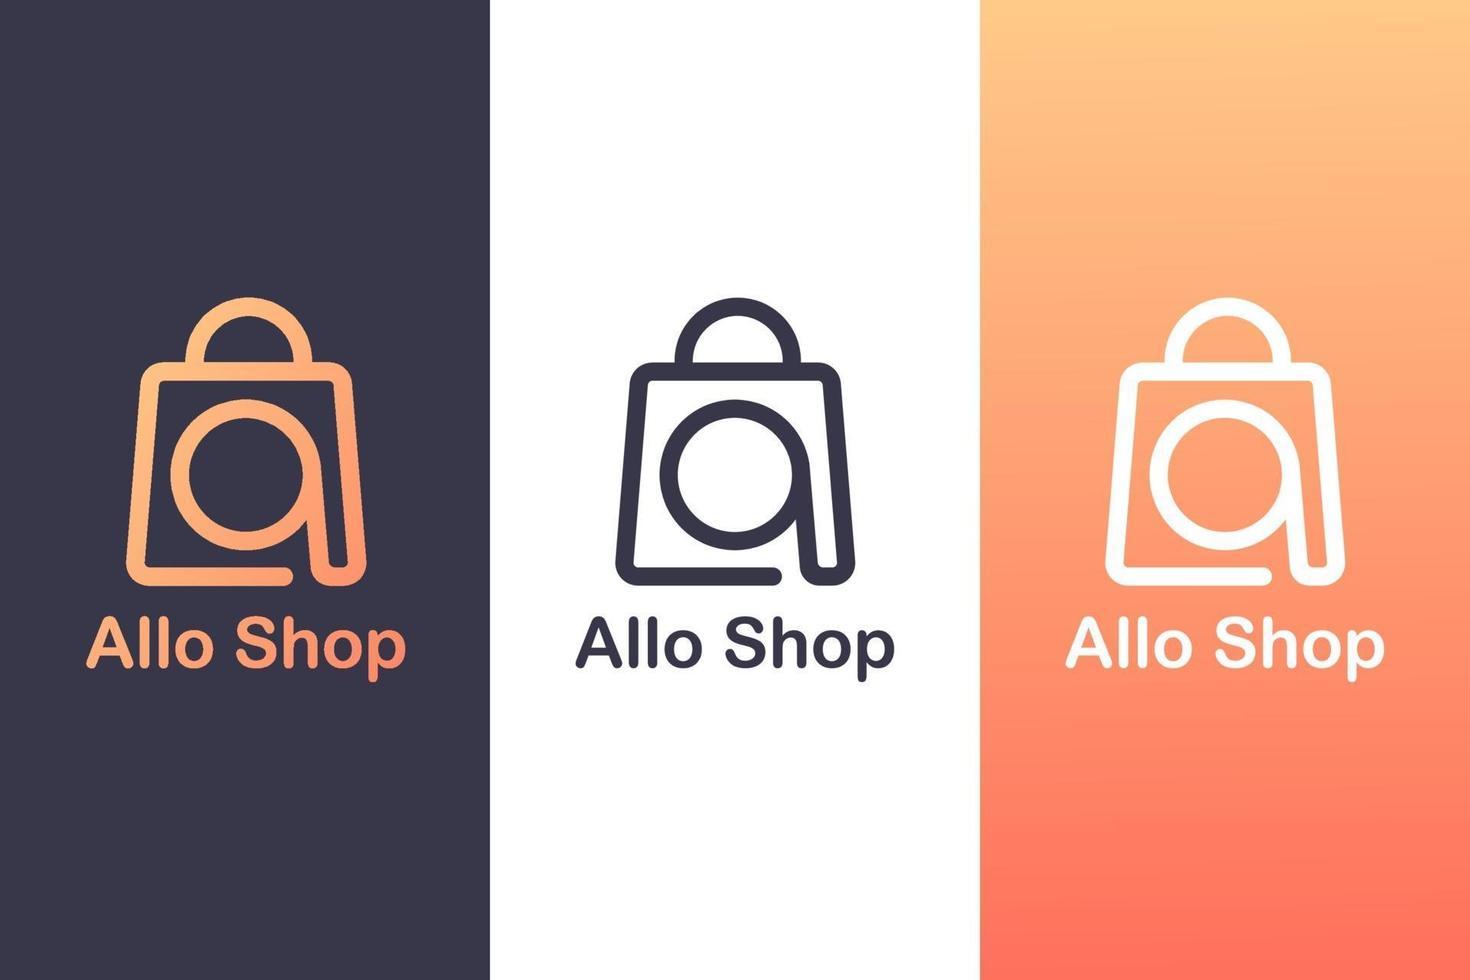 kombinera bokstaven en logotyp med en shoppingväska, begreppet en shoppinglogotyp. vektor